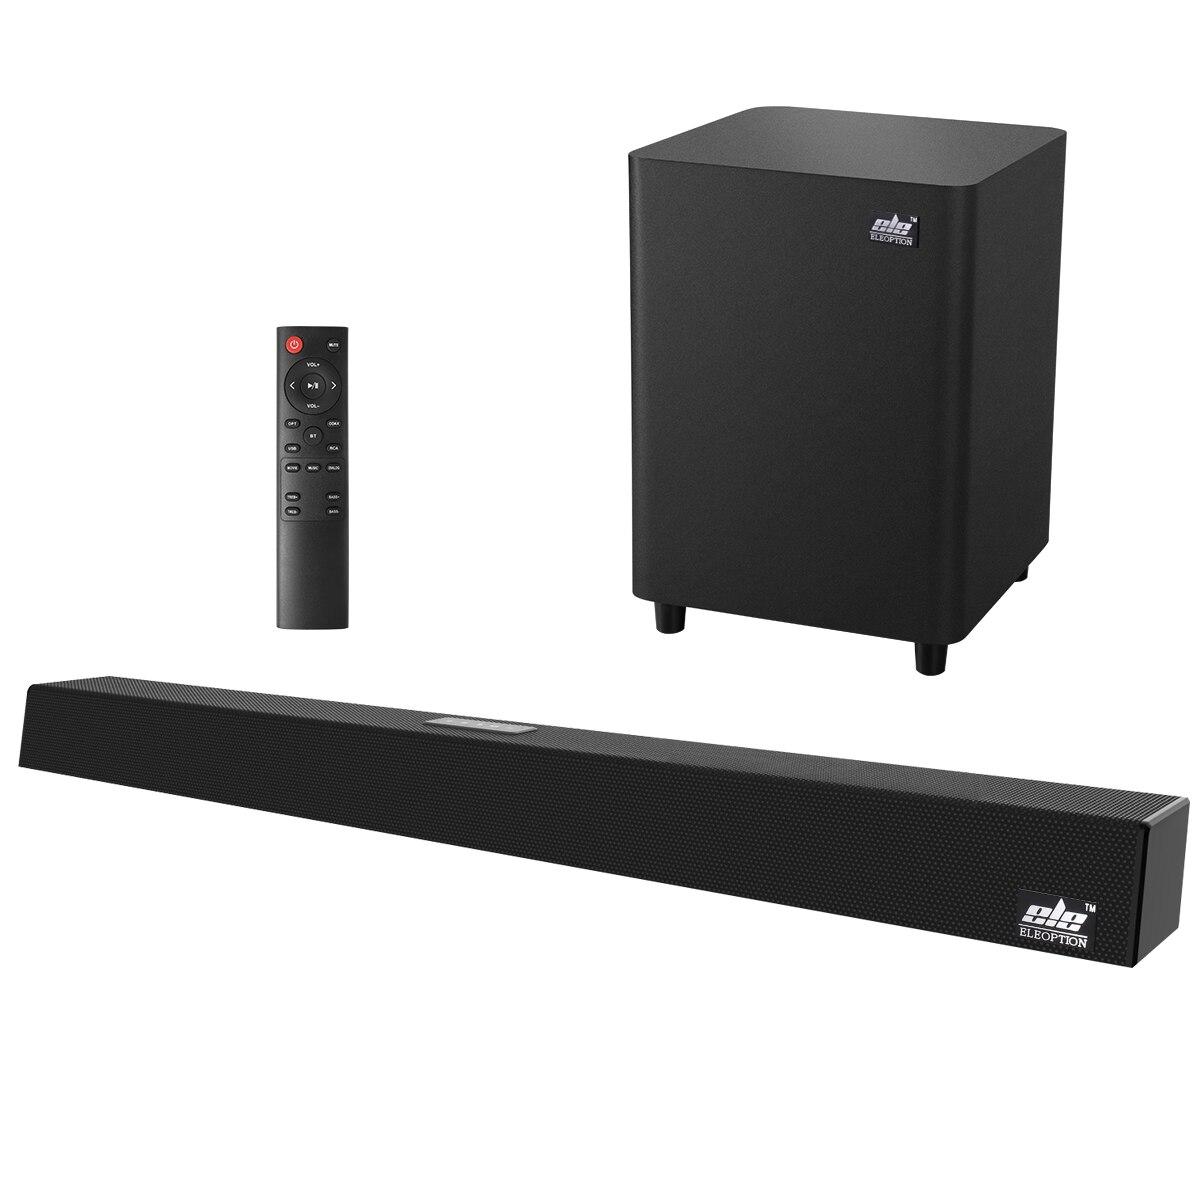 120W Home cinéma système de son barre de son 2.1 TV Bluetooth haut-parleur soutien optique AUX Coaxial barre de son Subwoofer haut-parleurs pour TV